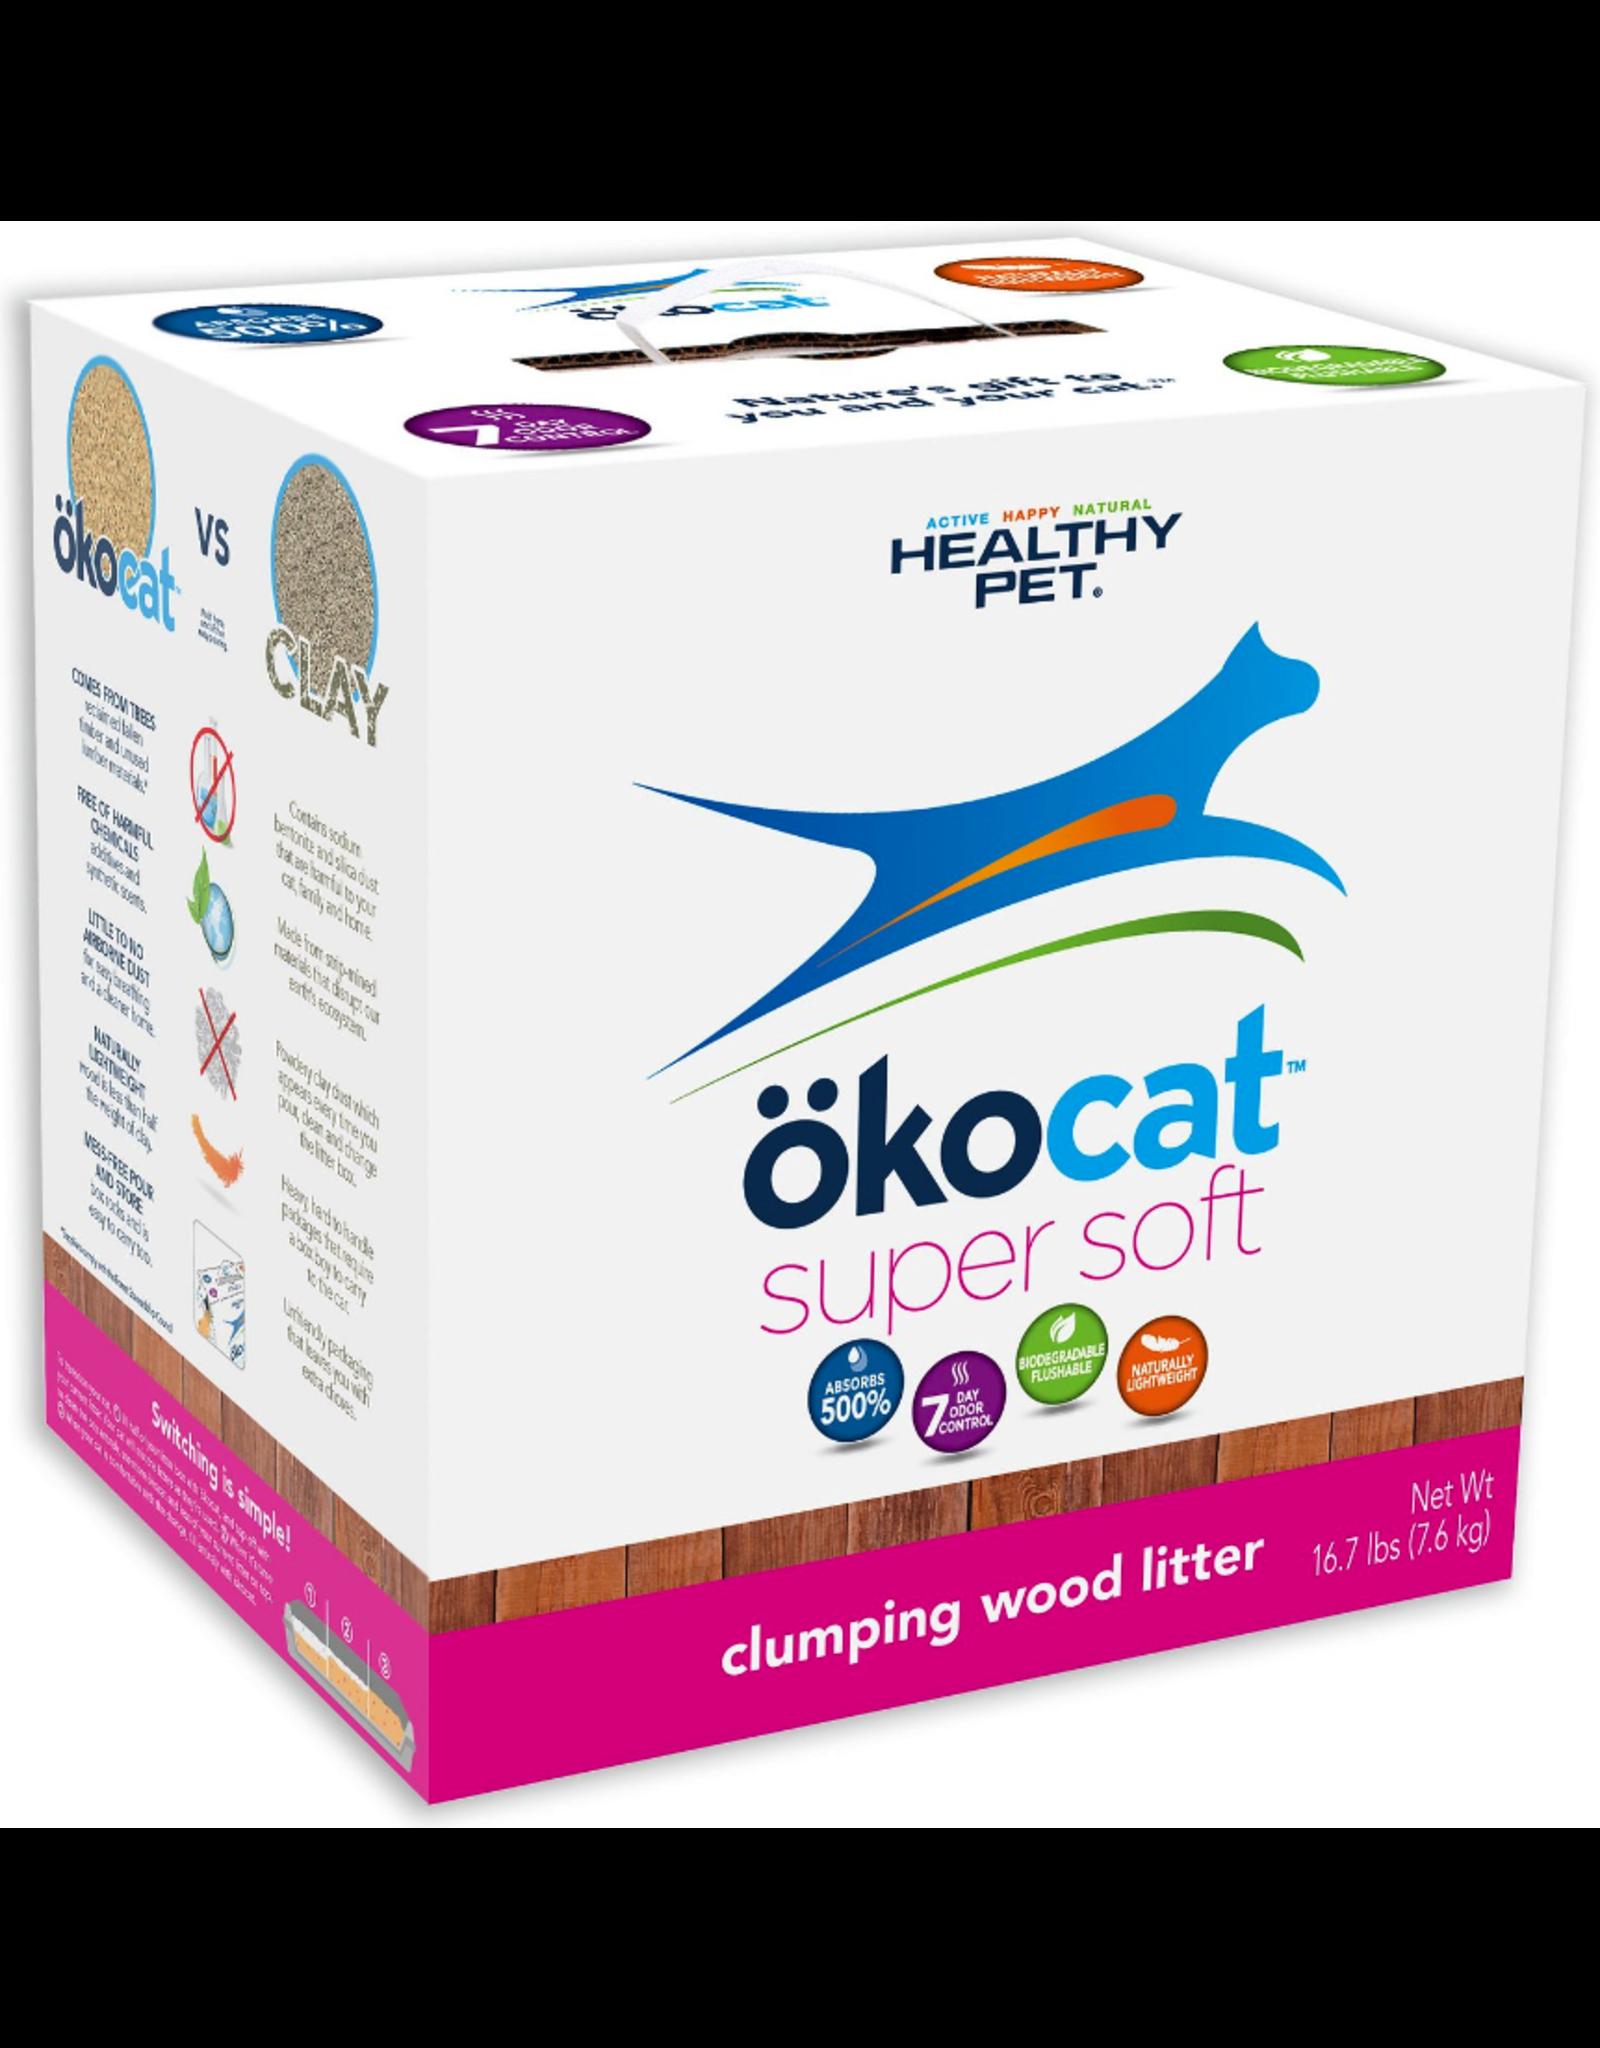 Healthy Pet Healthy Pet okocat Super Soft Clumping Wood Litter